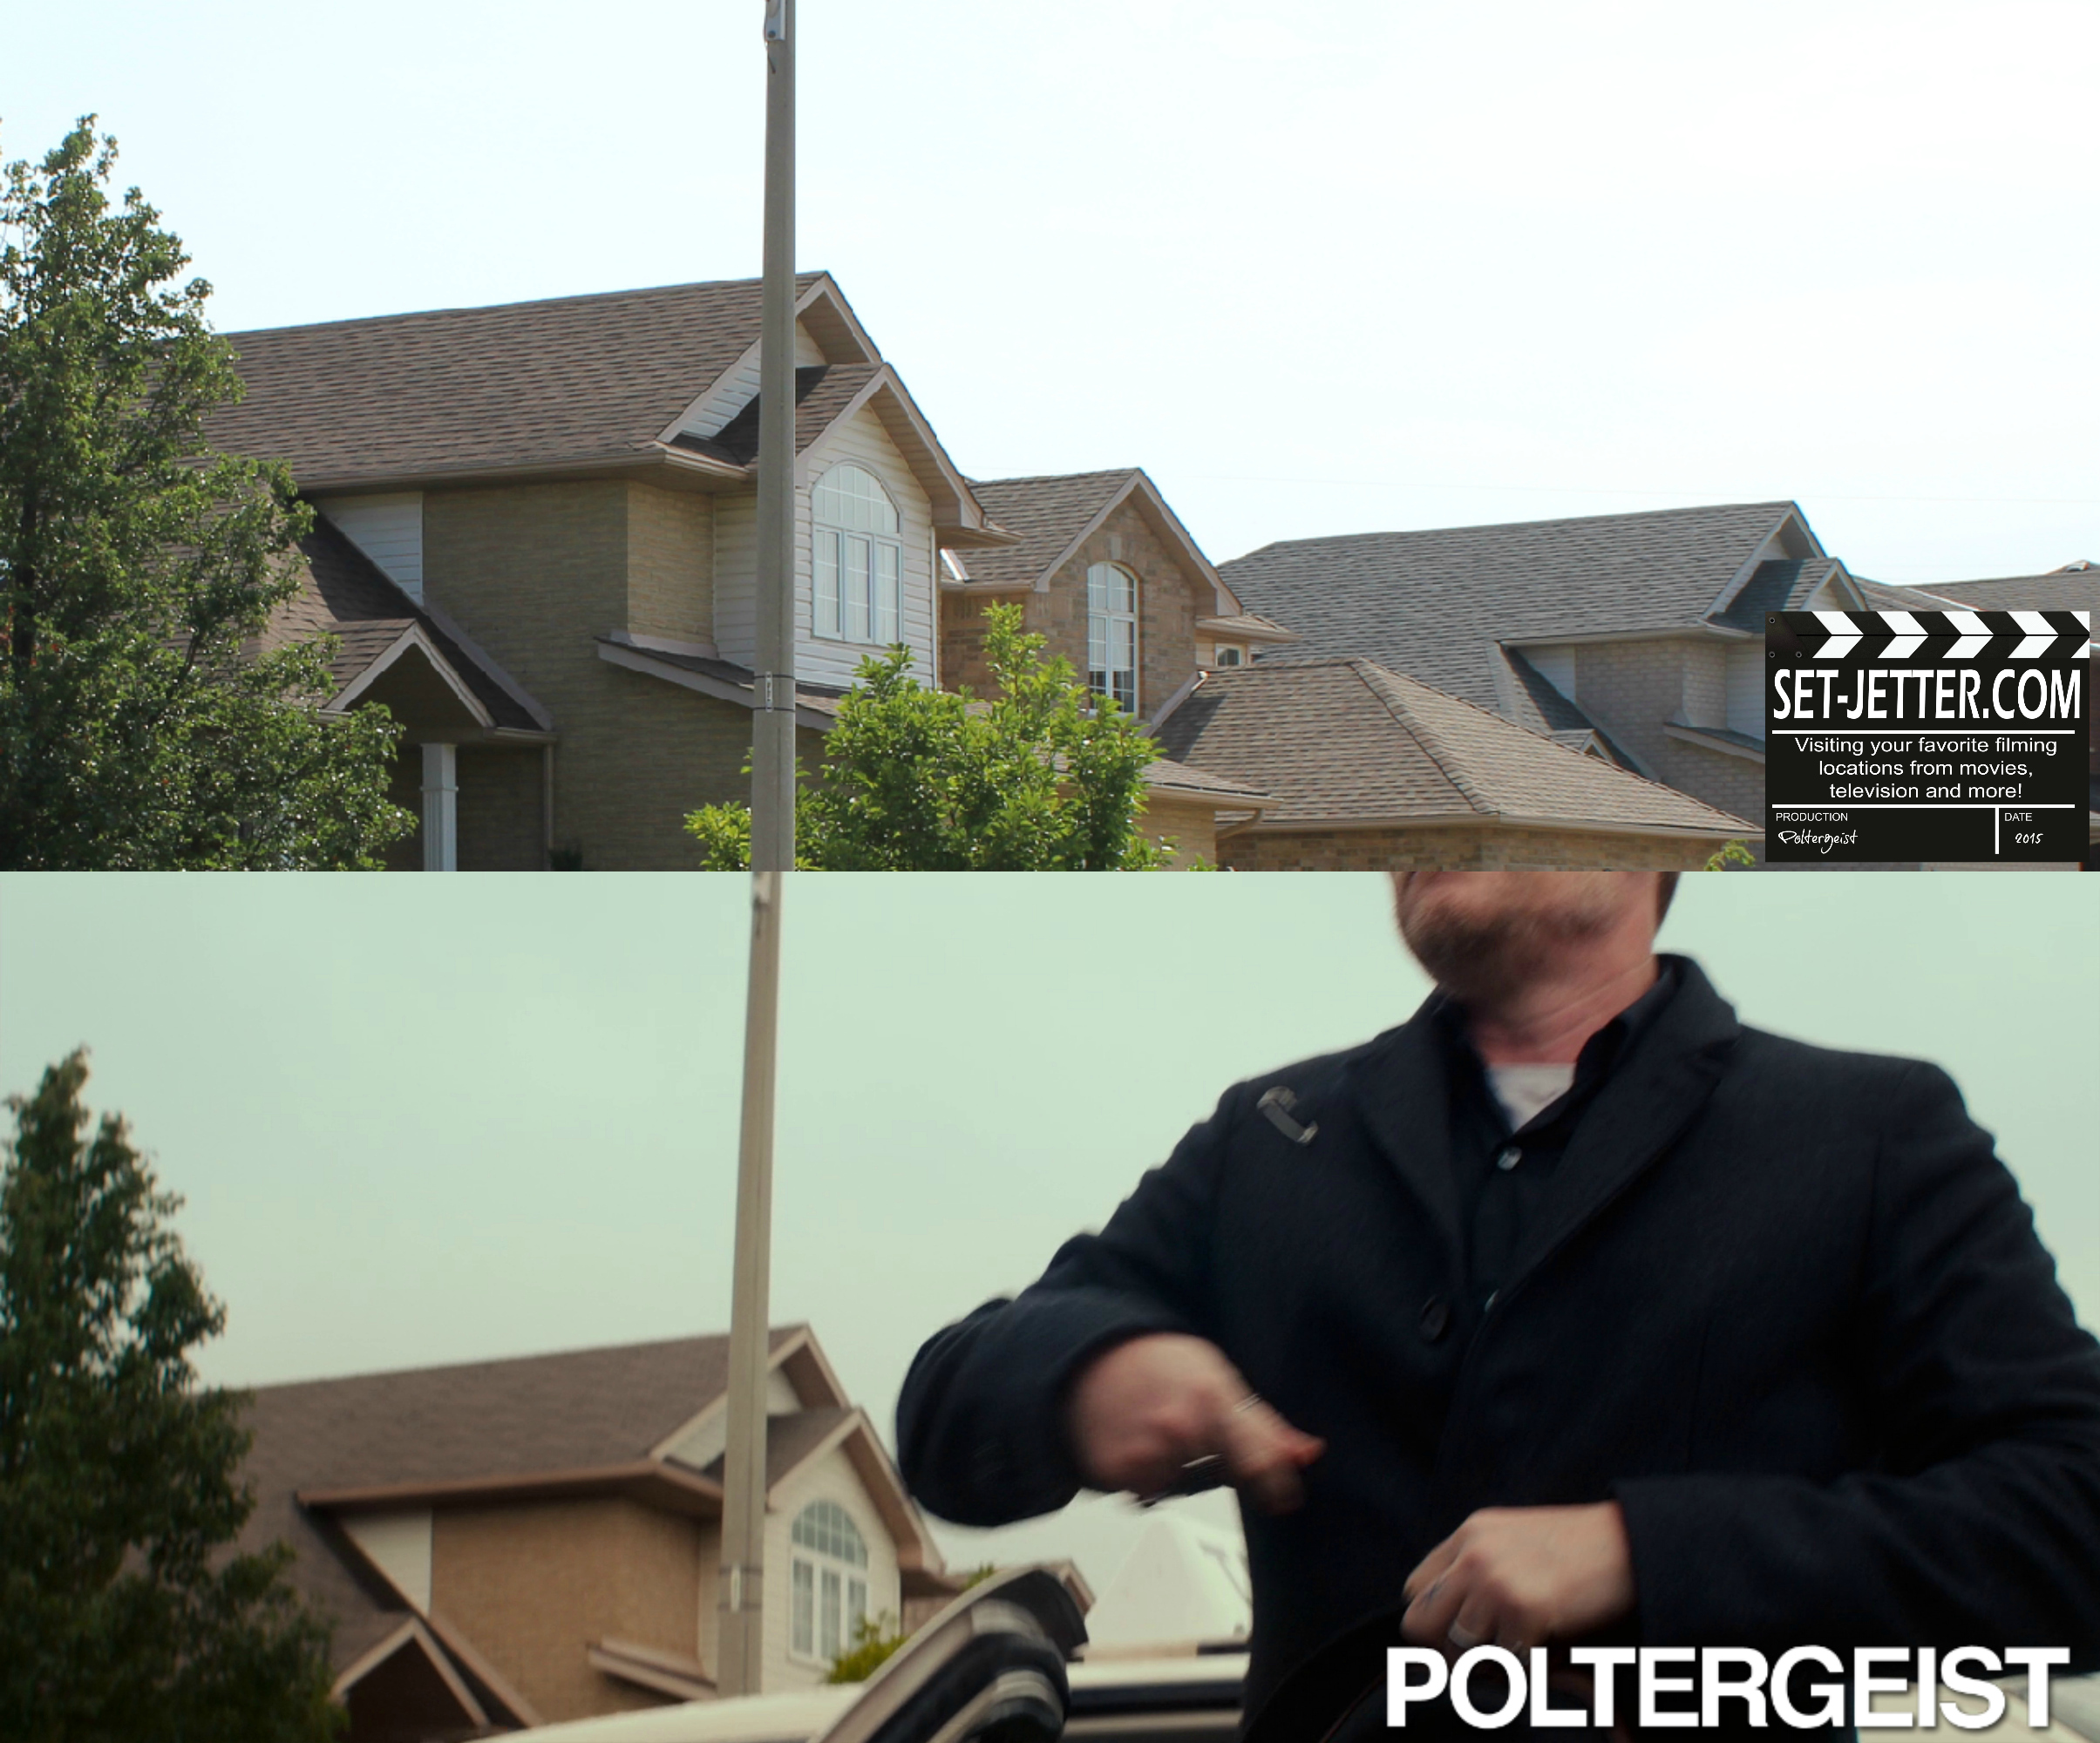 Poltergeist comparison 92.jpg